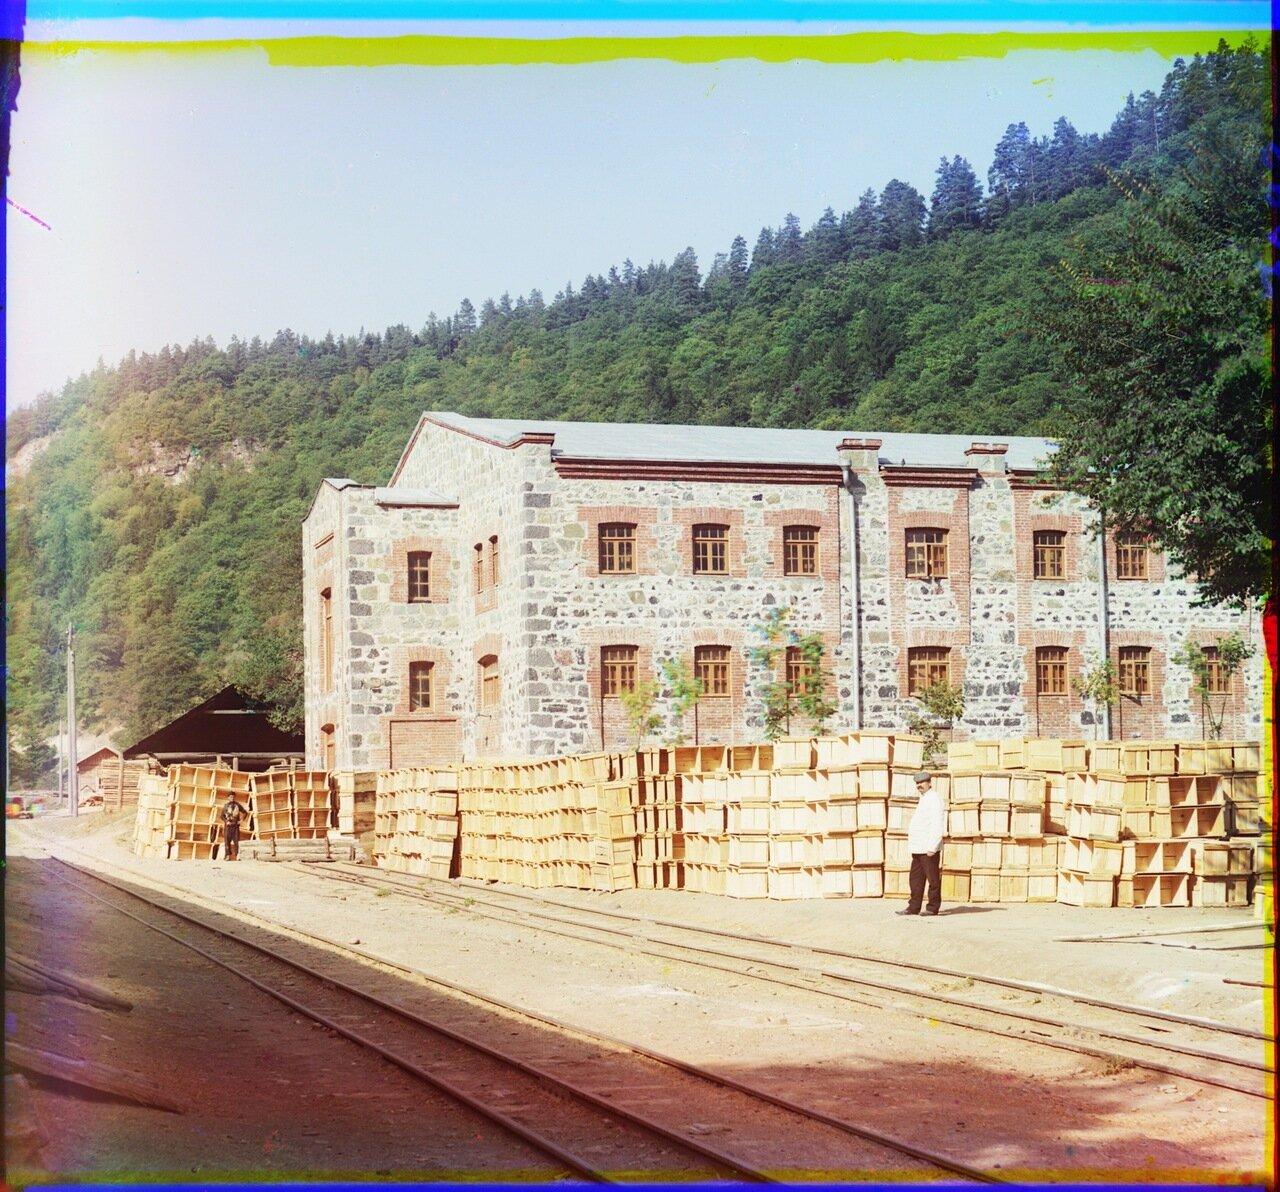 Запасный склад минеральных вод. Боржом. (вид с другой стороны)